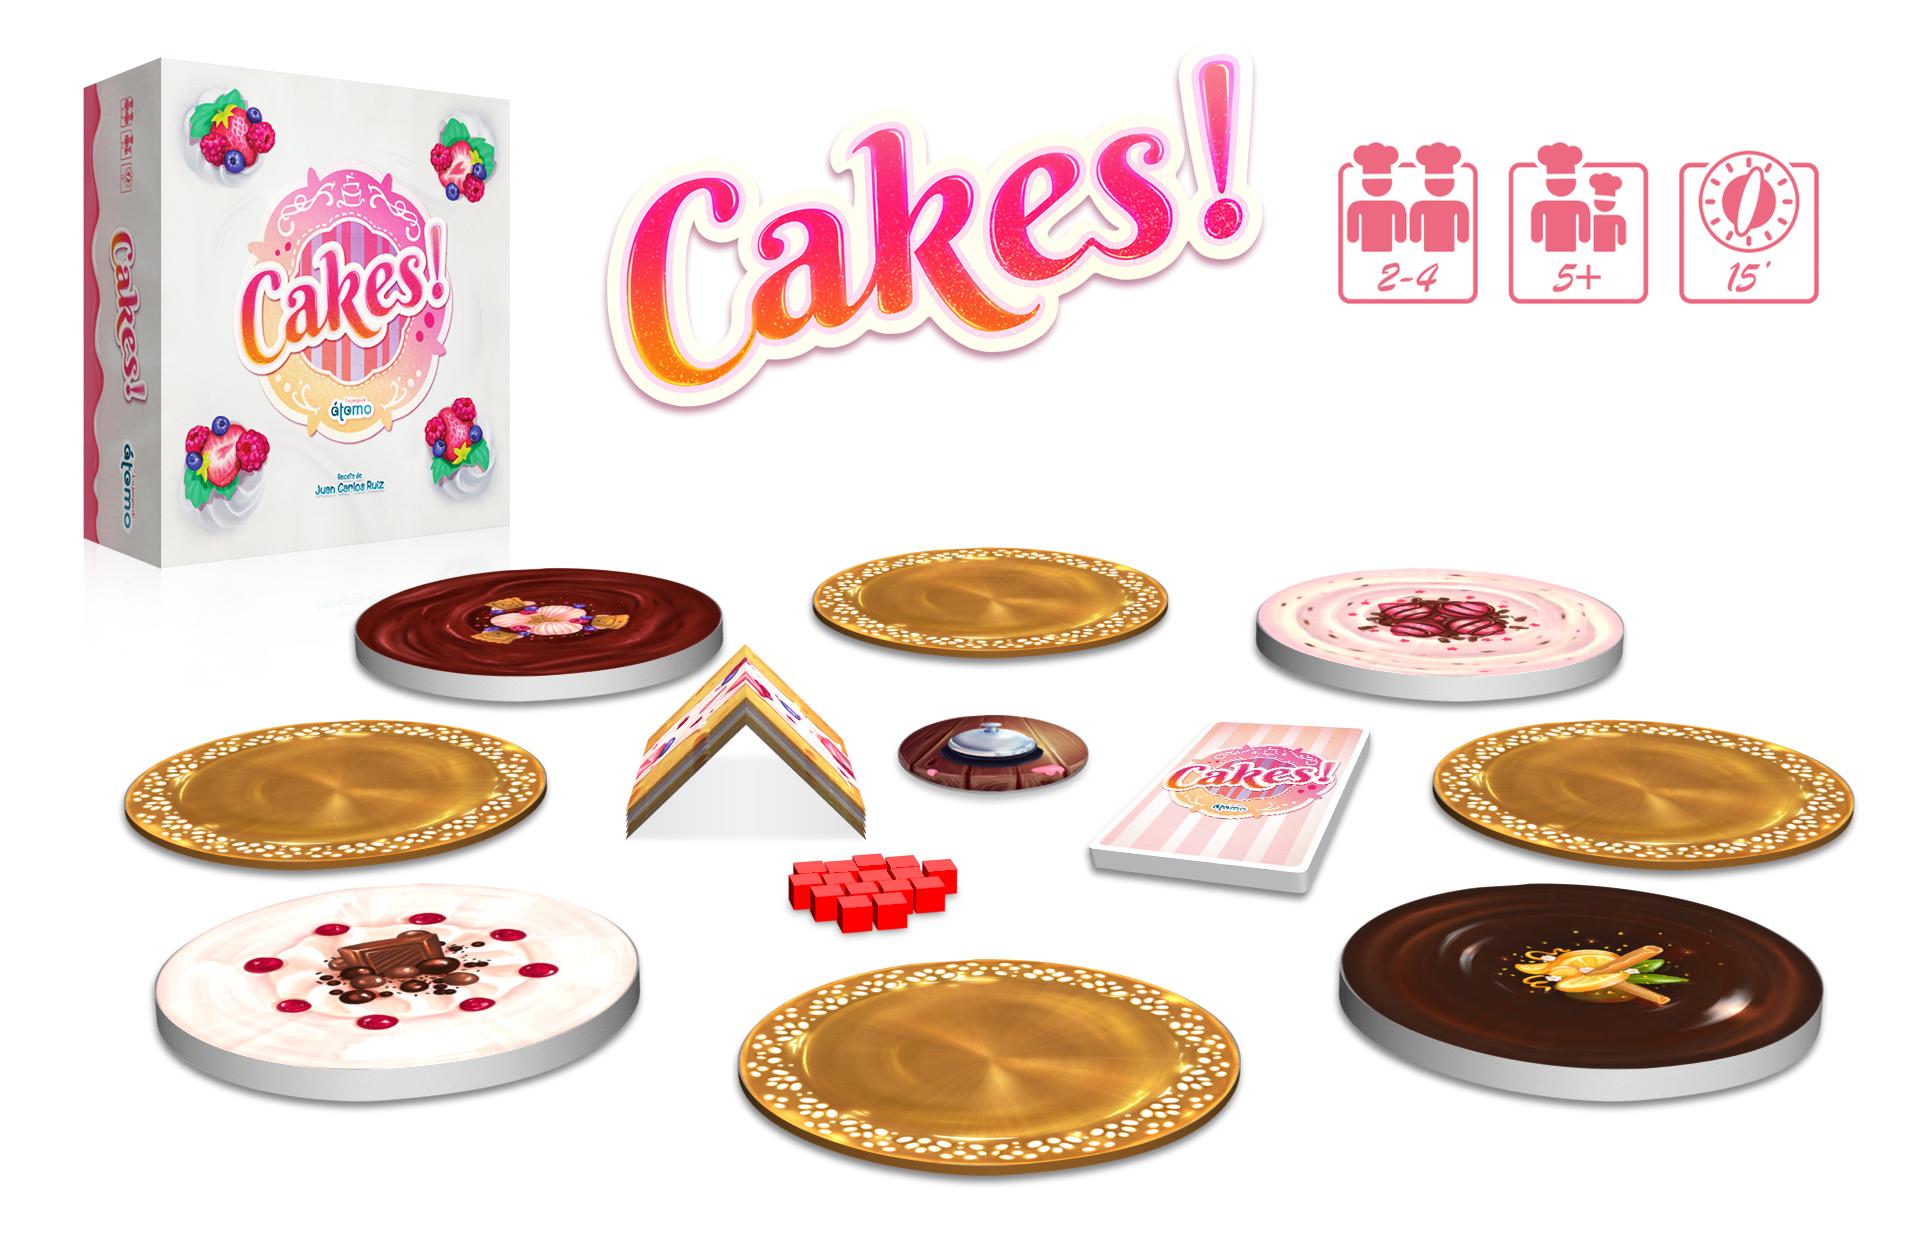 juego de mesa cakes!